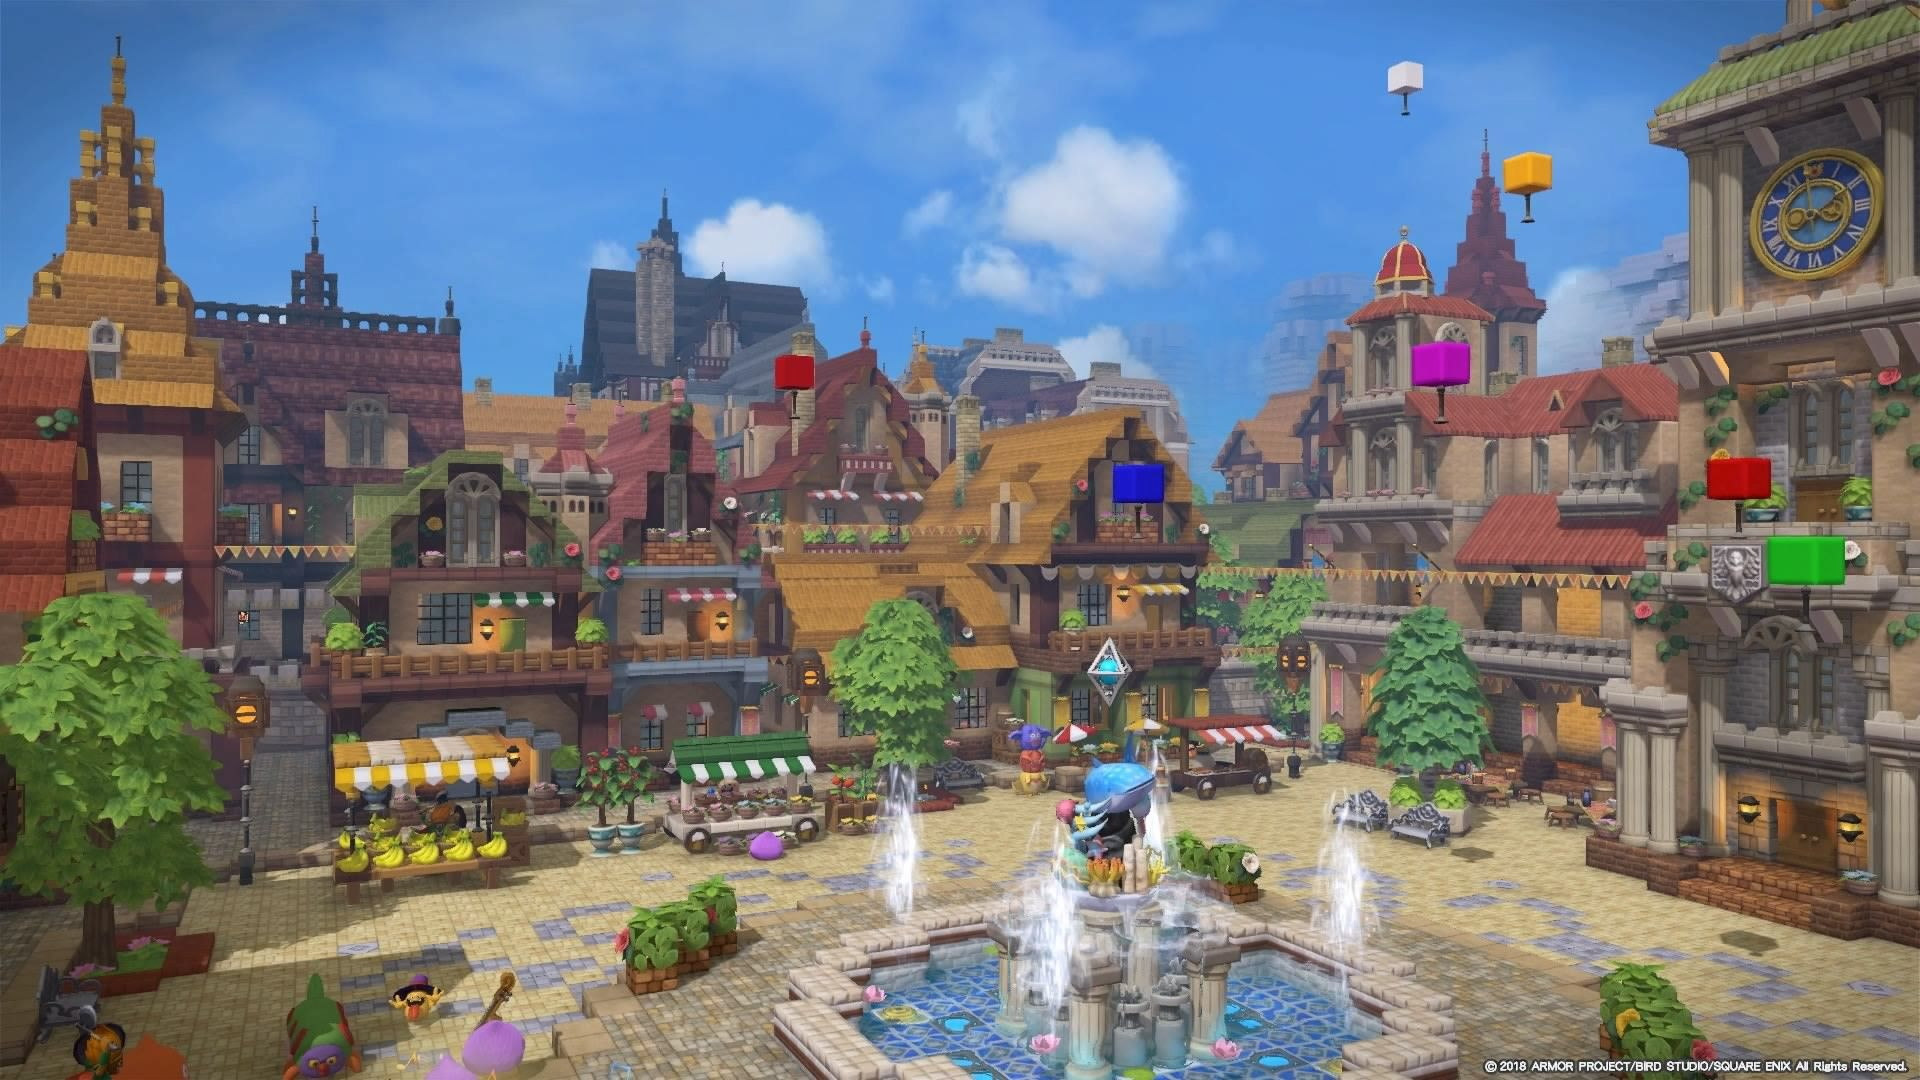 ビルダーズギャラリー ドラゴンクエストビルダーズ2 Square Enix シドー 建築モデル 都市デザイン